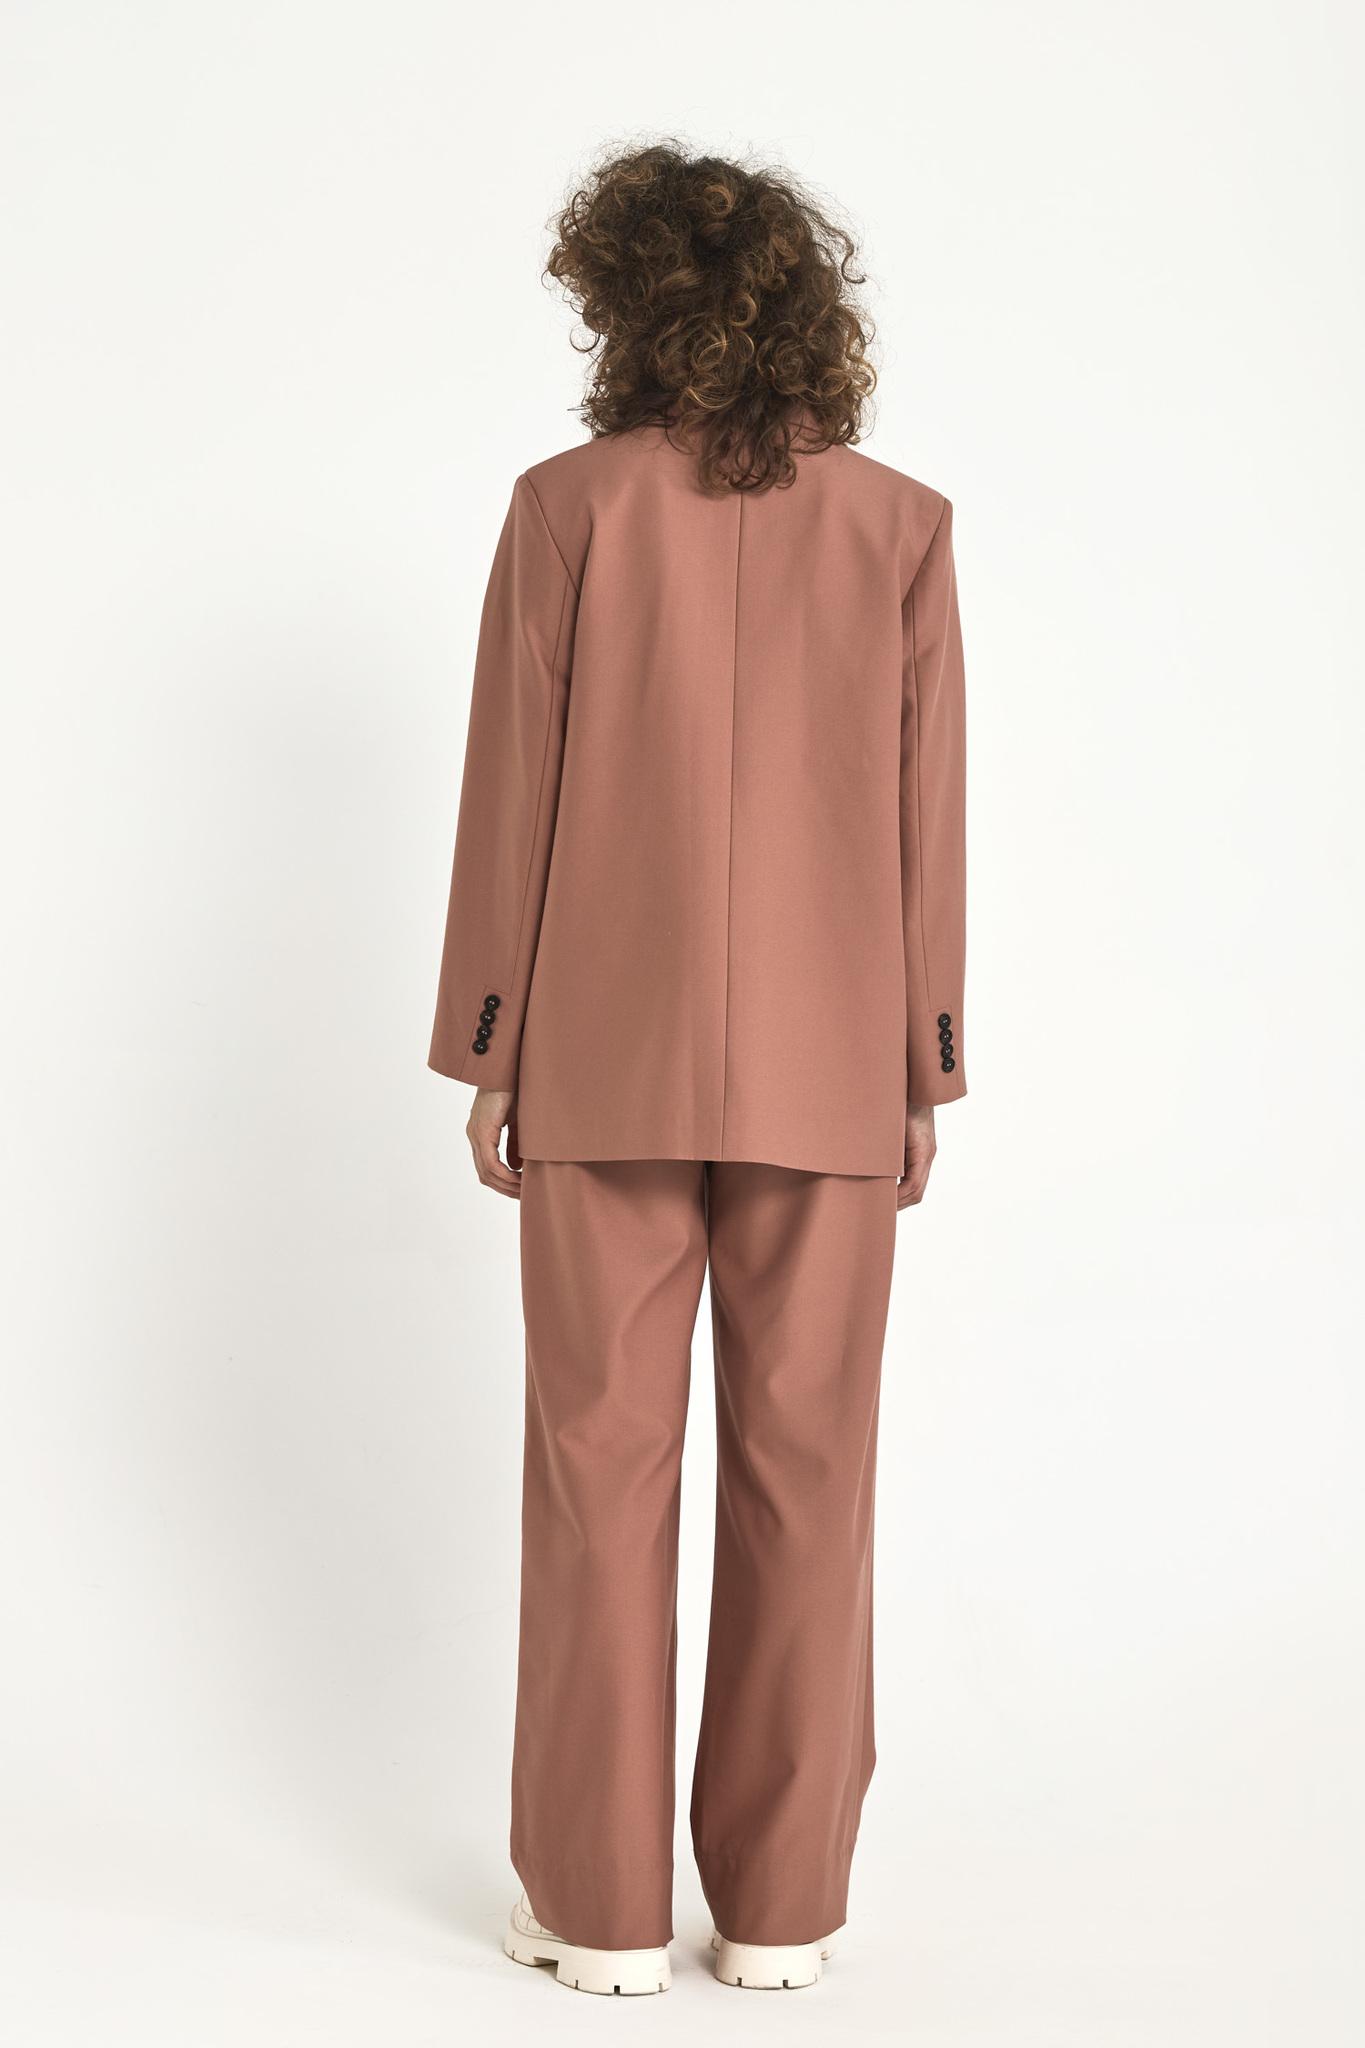 Жакет с большим плечом (костюмный твил), розовая пудра